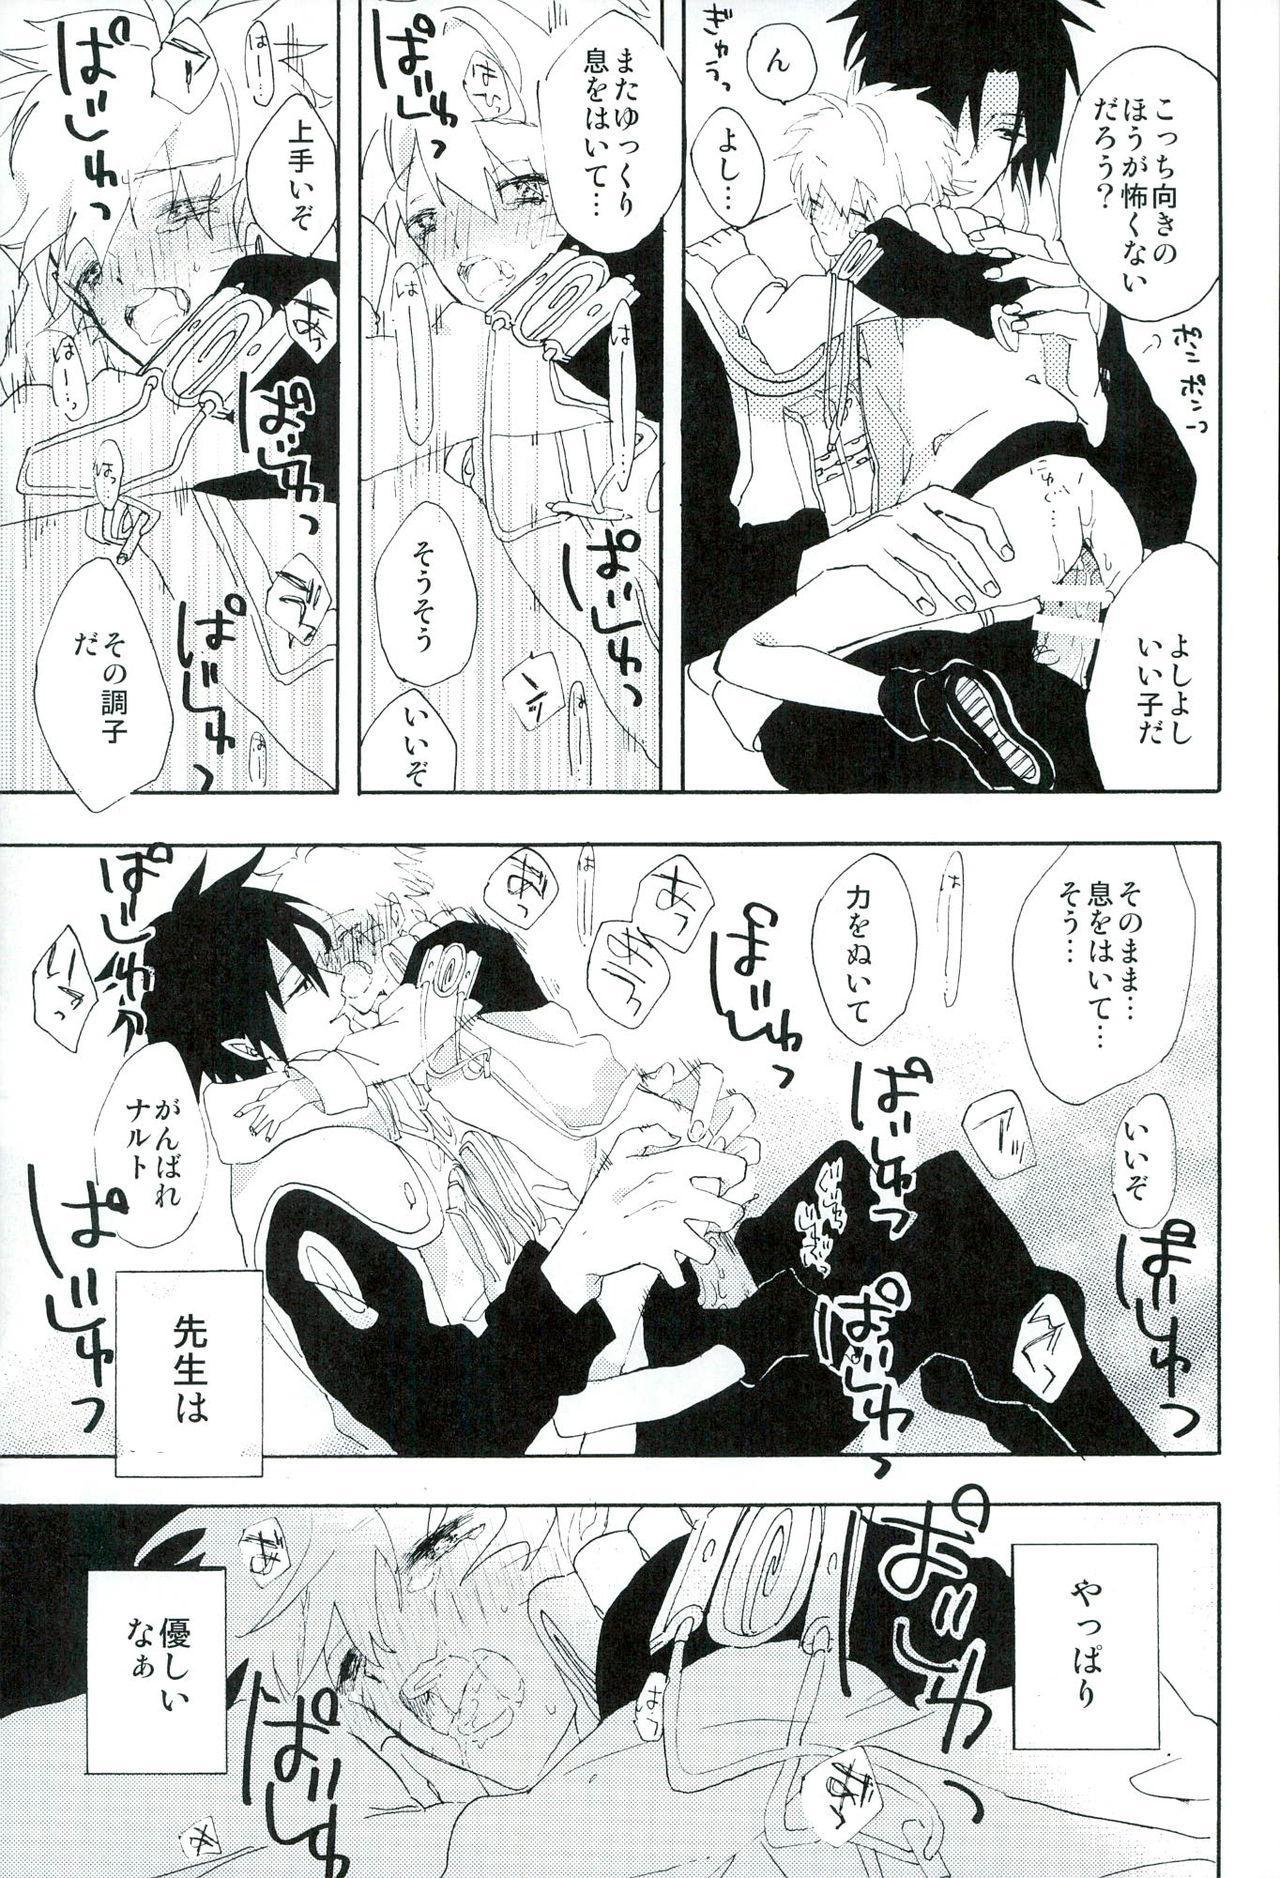 Boku no Sensei 22